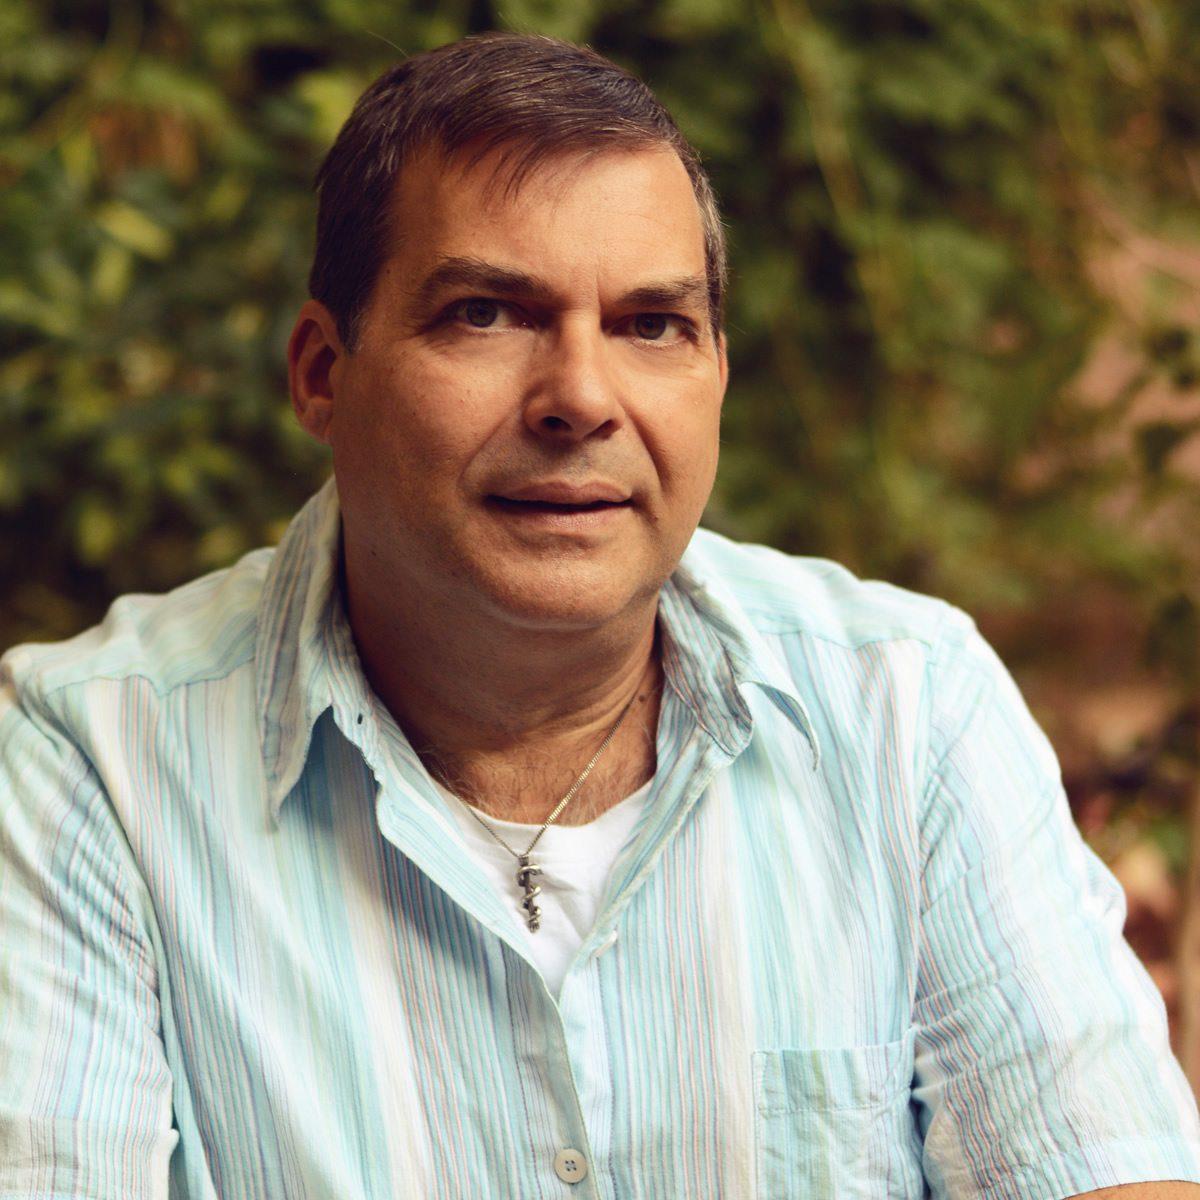 Στεργιόπουλος Νικόλαος